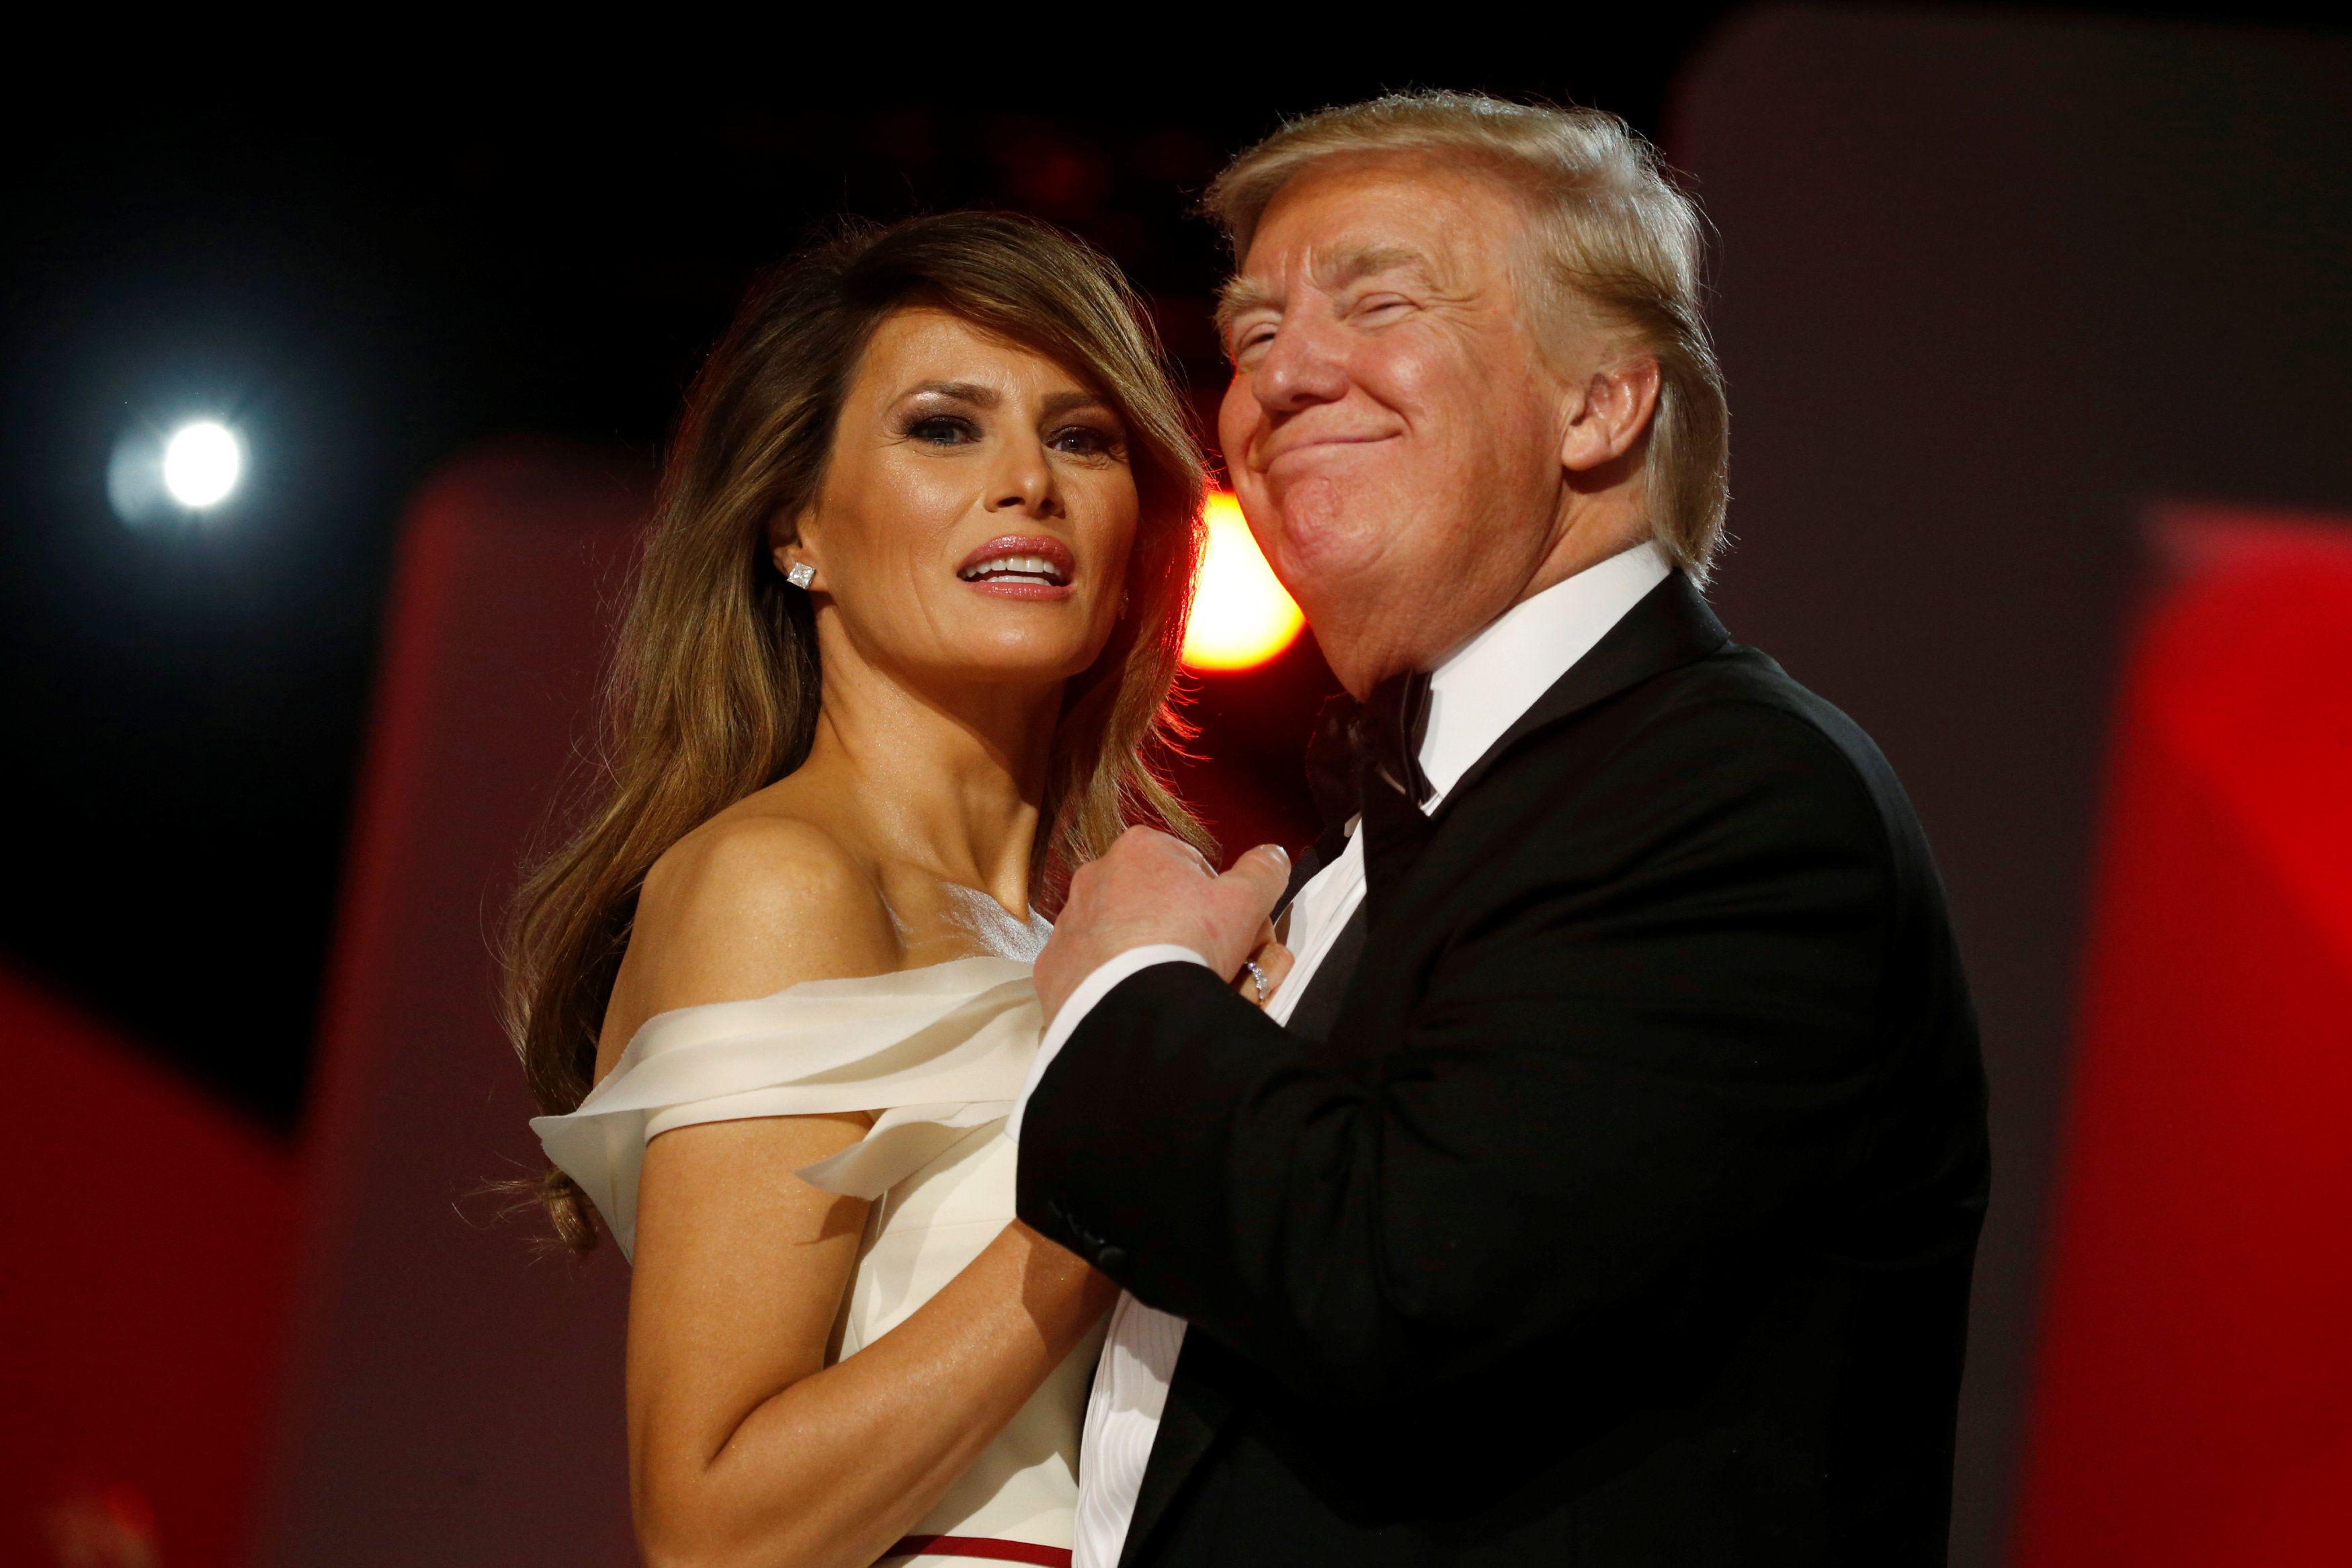 Трамп оконфузился, приветствуя вернувшуюся в Белый дом супругу